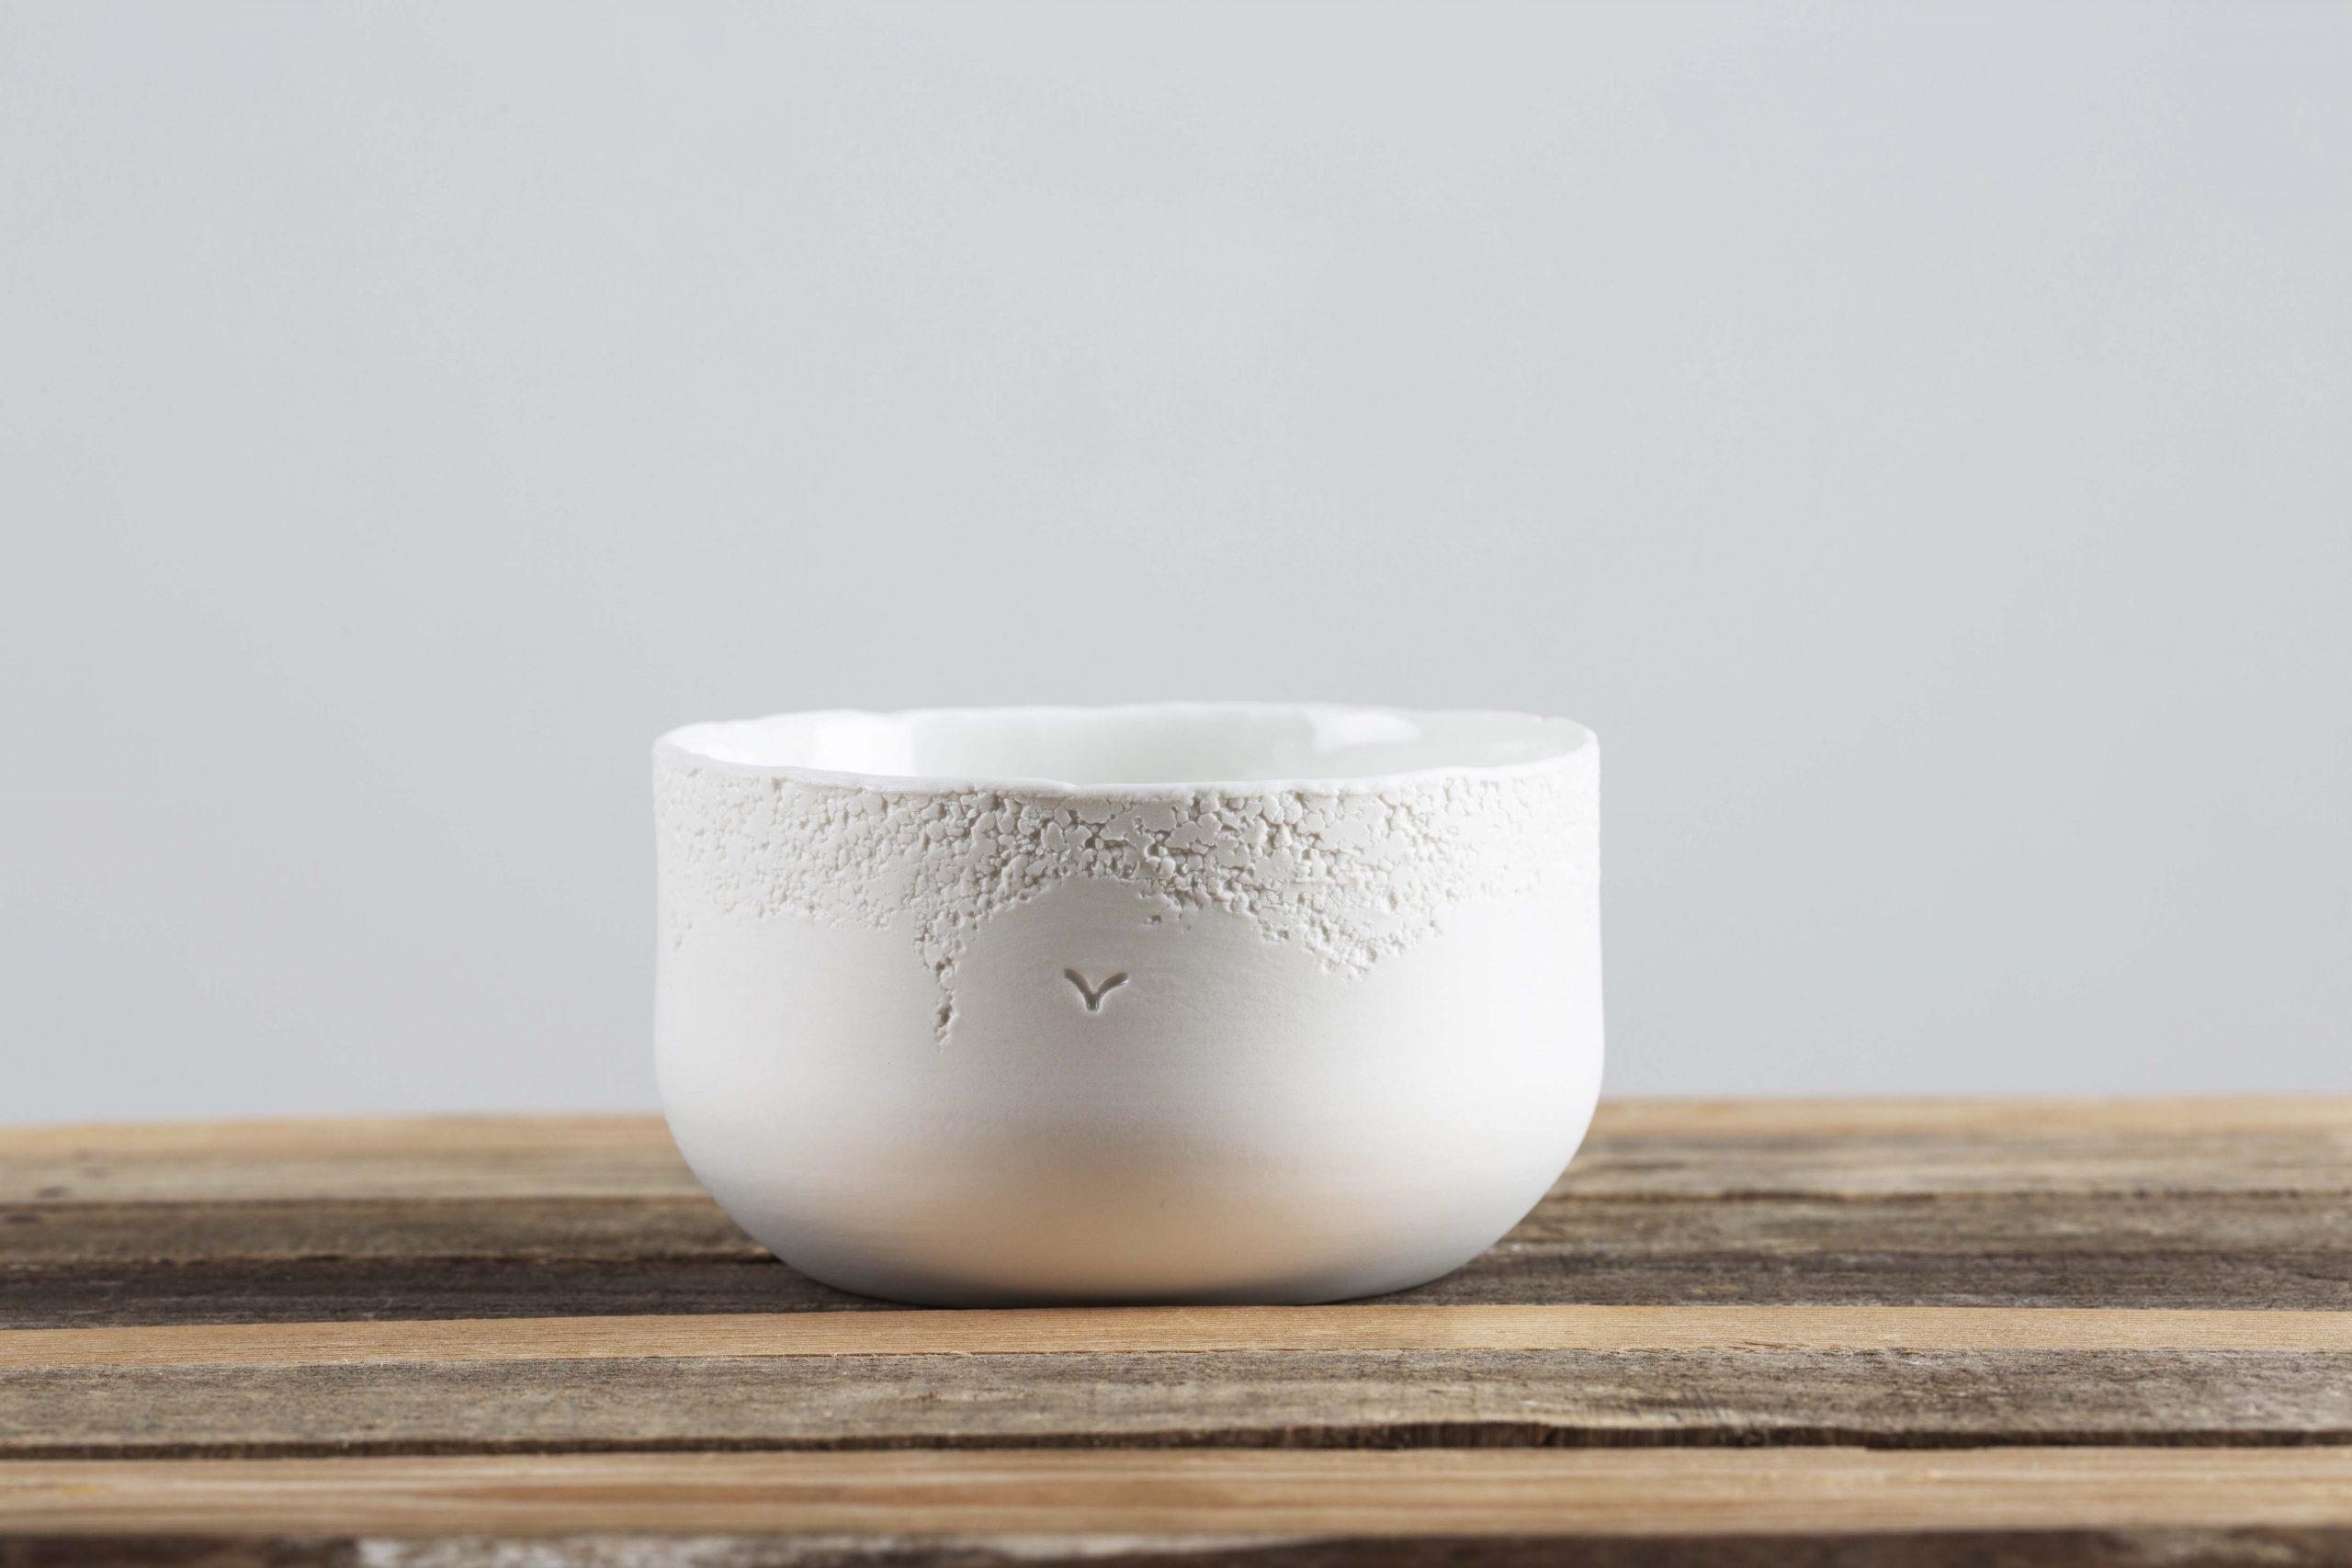 ciotola in ceramica con lavorazione sul bordo - artigianale - Federica Ramacciotti